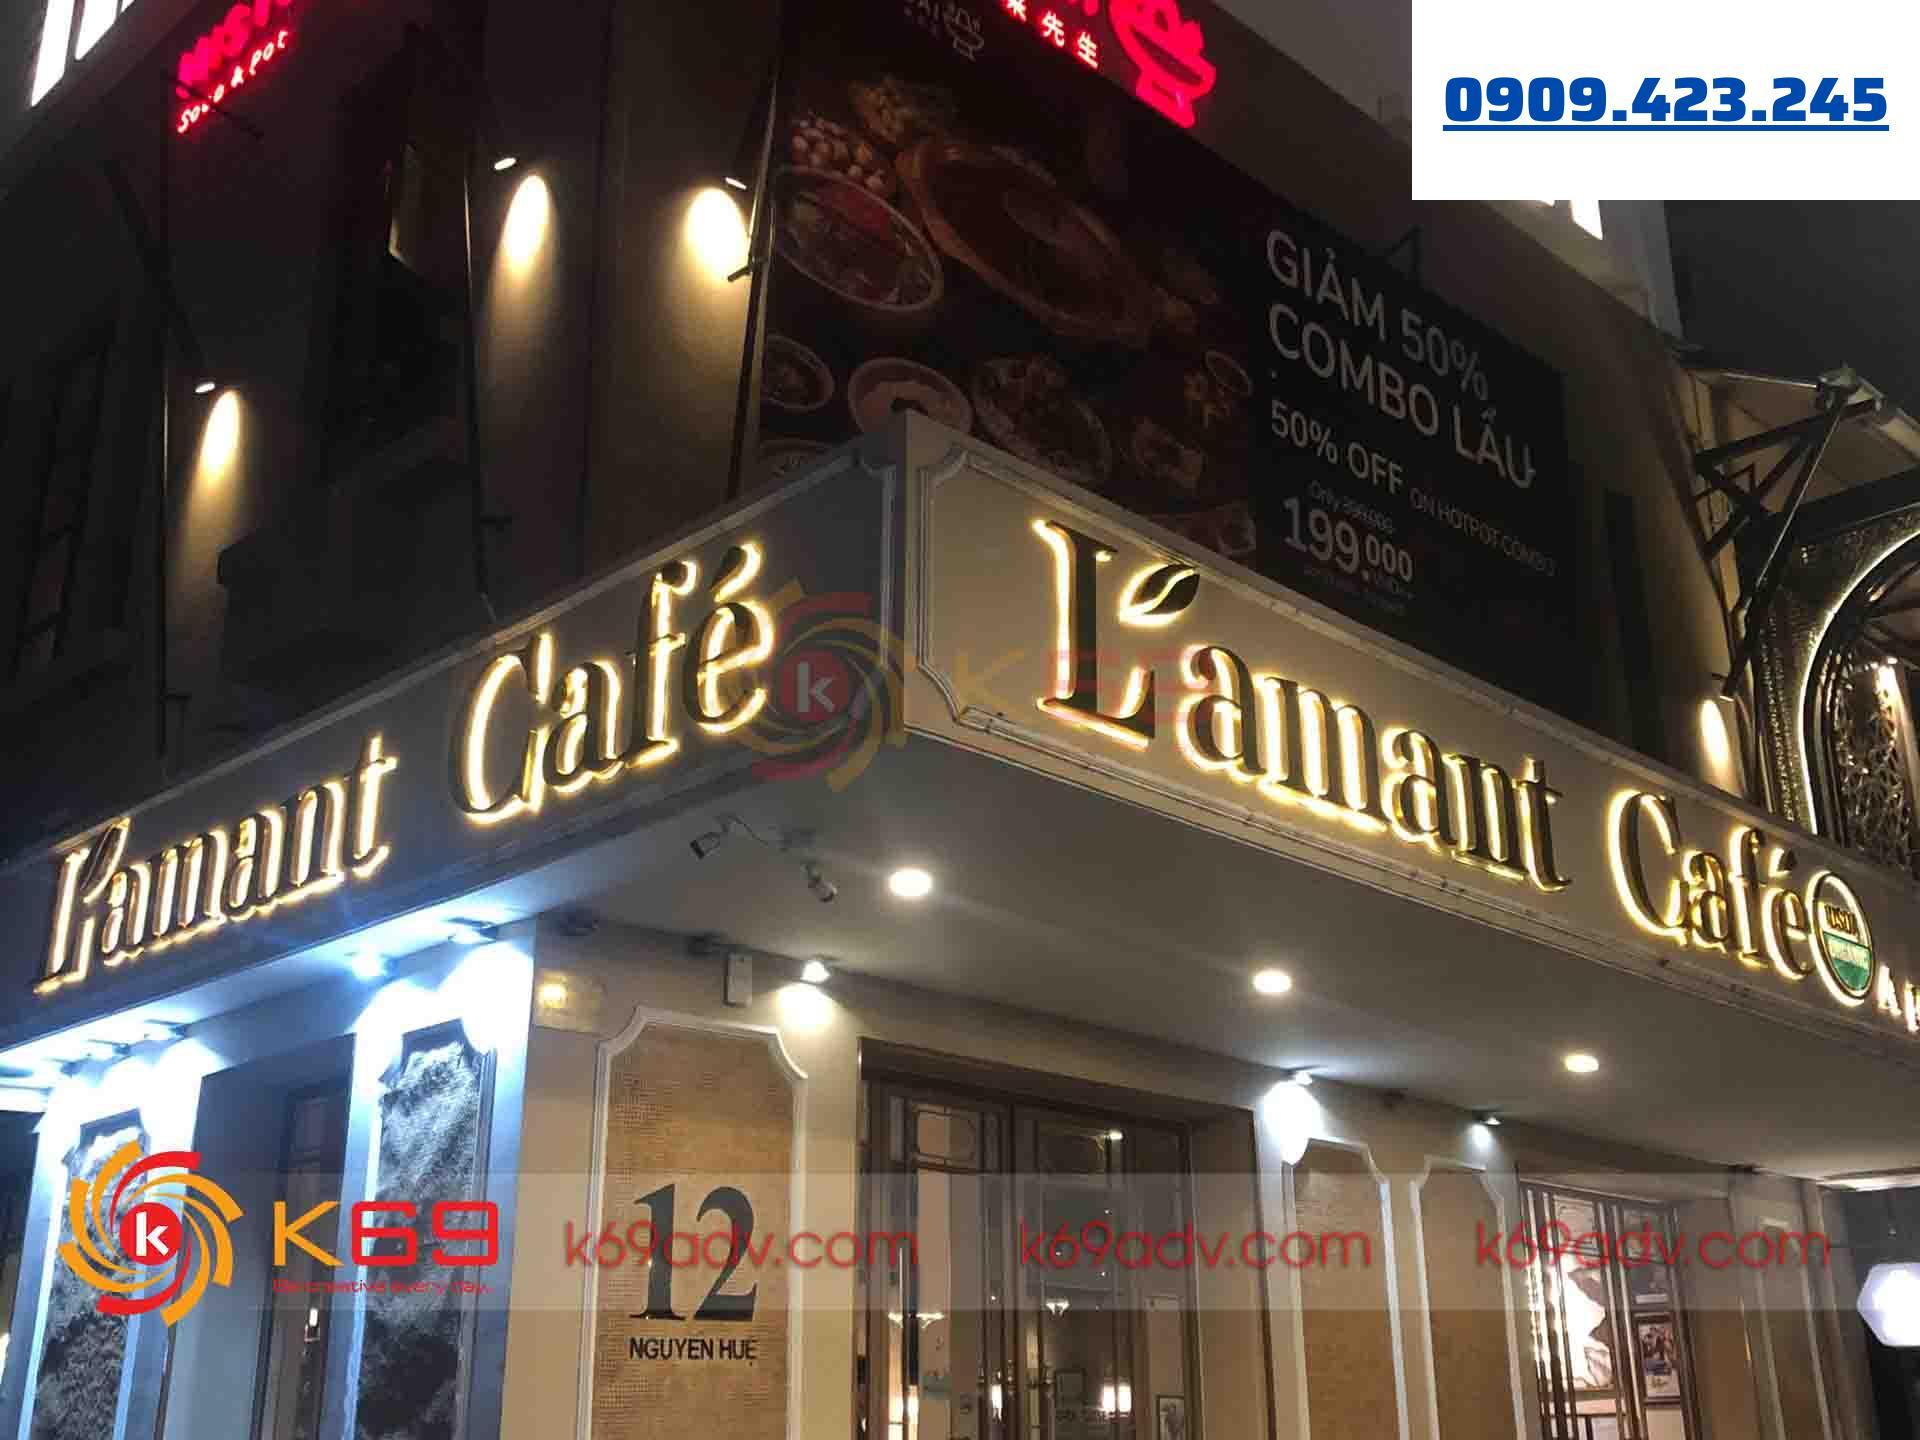 Ảnh thi công làm bảng hiệu chữ nổi Inox có đèn cho quán cafe tại K69ADV